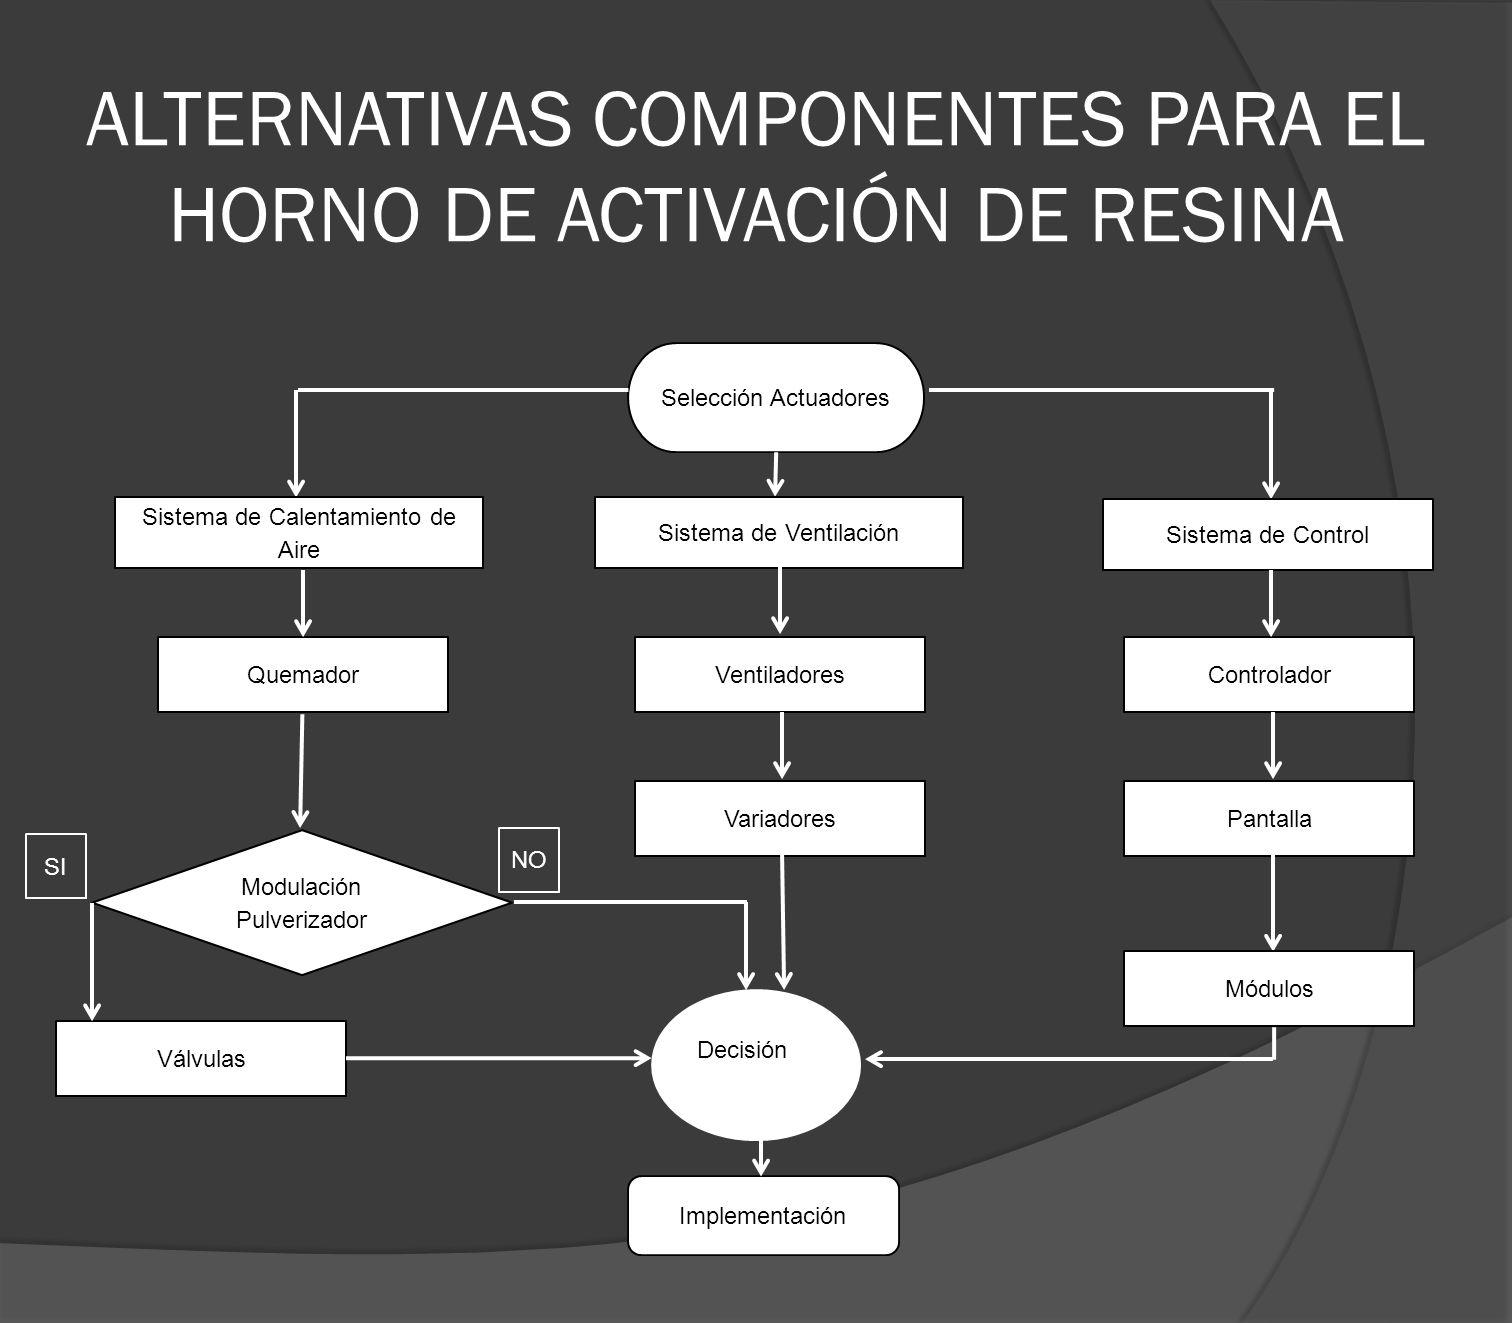 ALTERNATIVAS COMPONENTES PARA EL HORNO DE ACTIVACIÓN DE RESINA